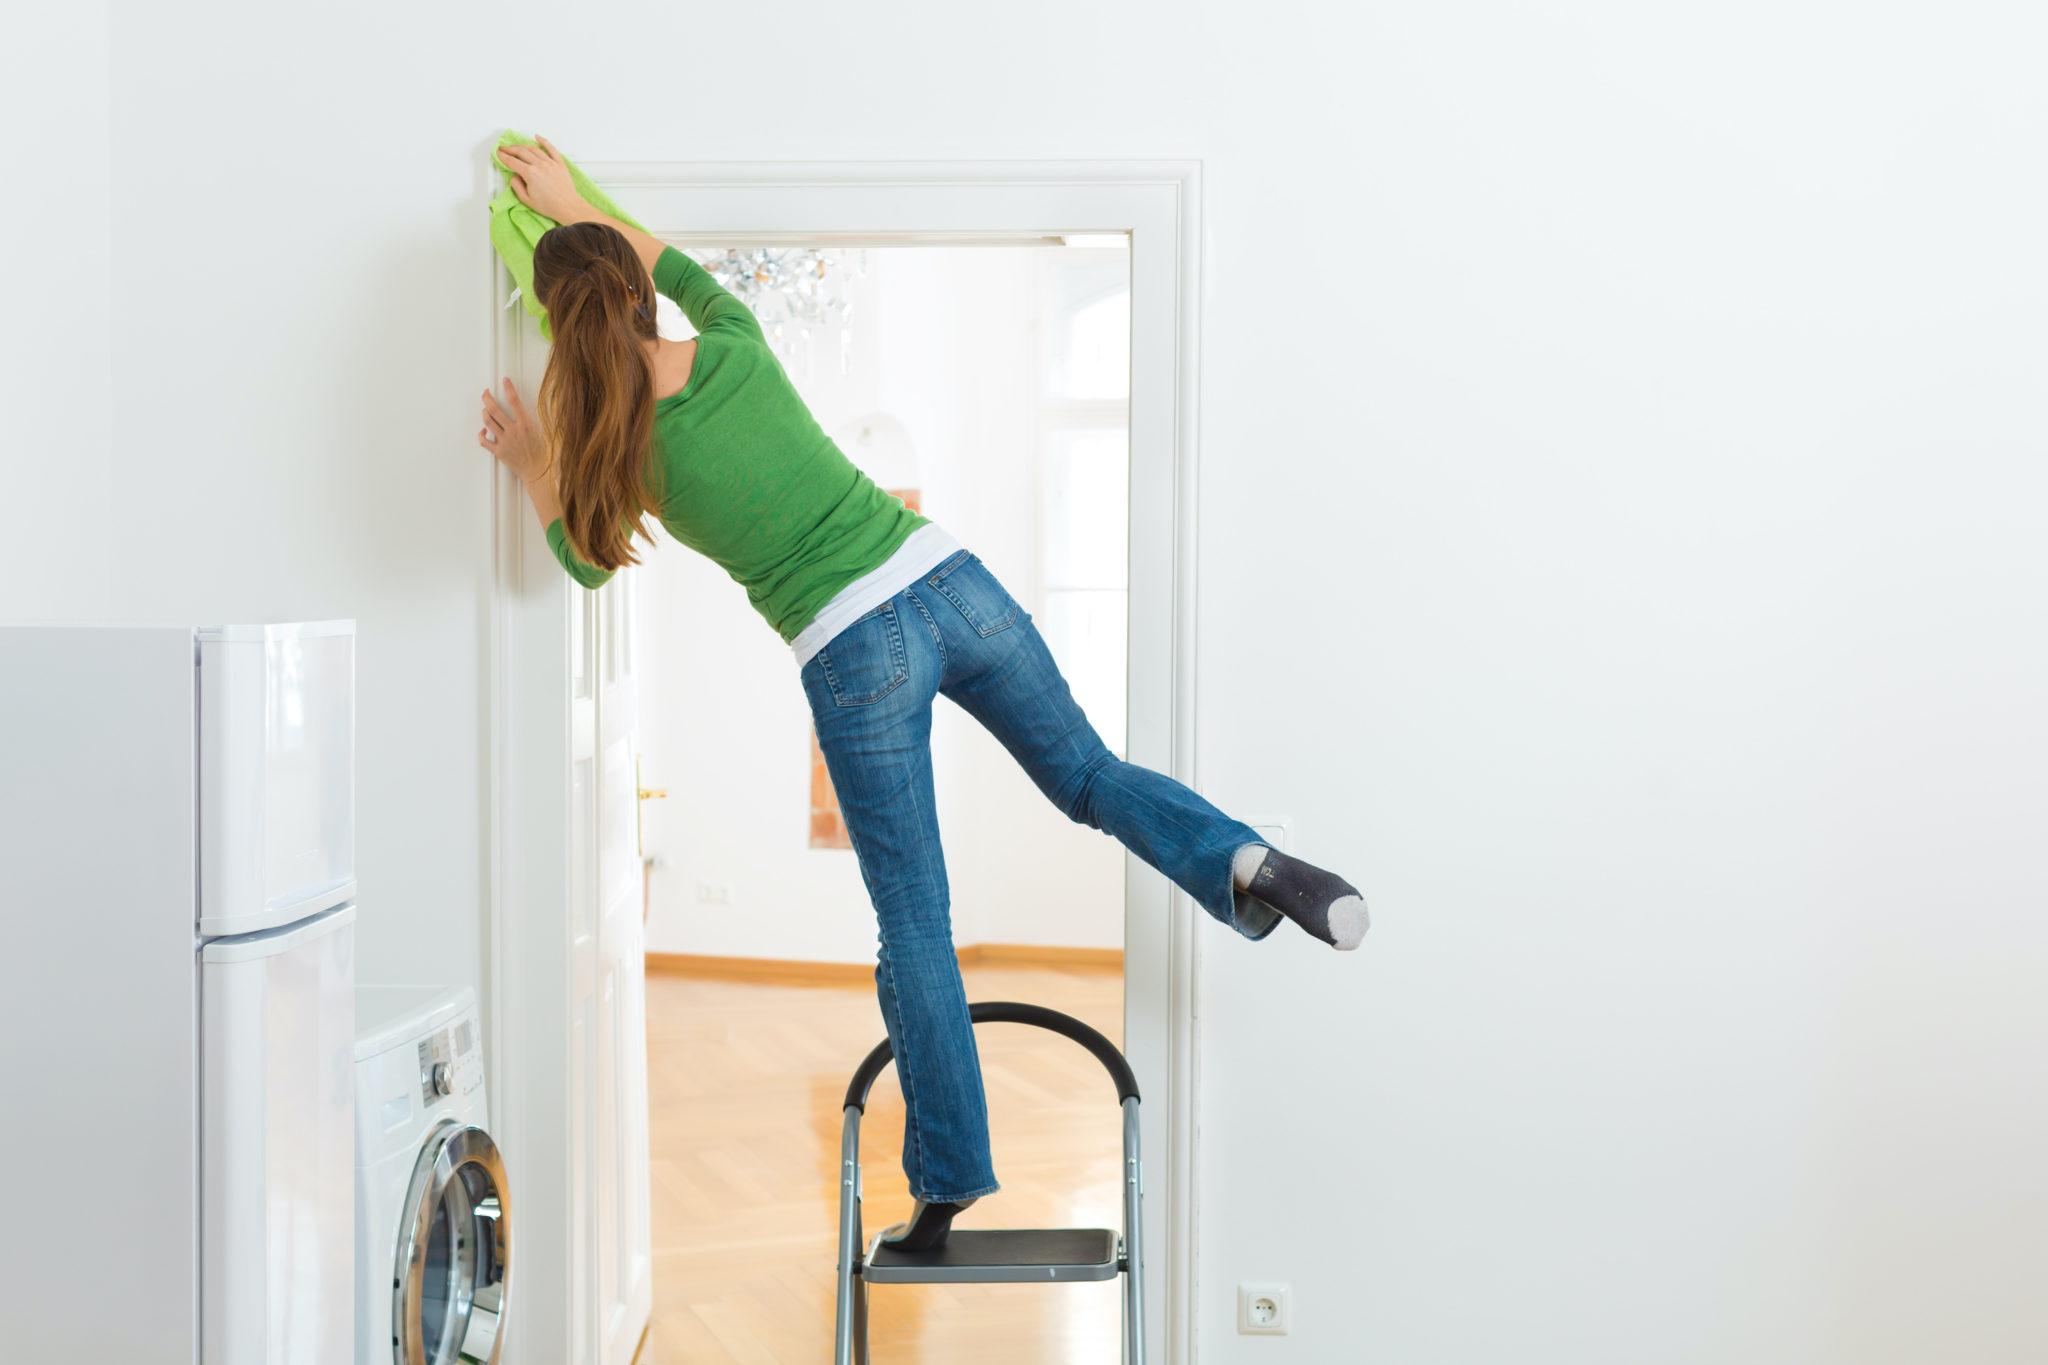 femme en equilibre dangereux sur un escabeau - accident de la vie